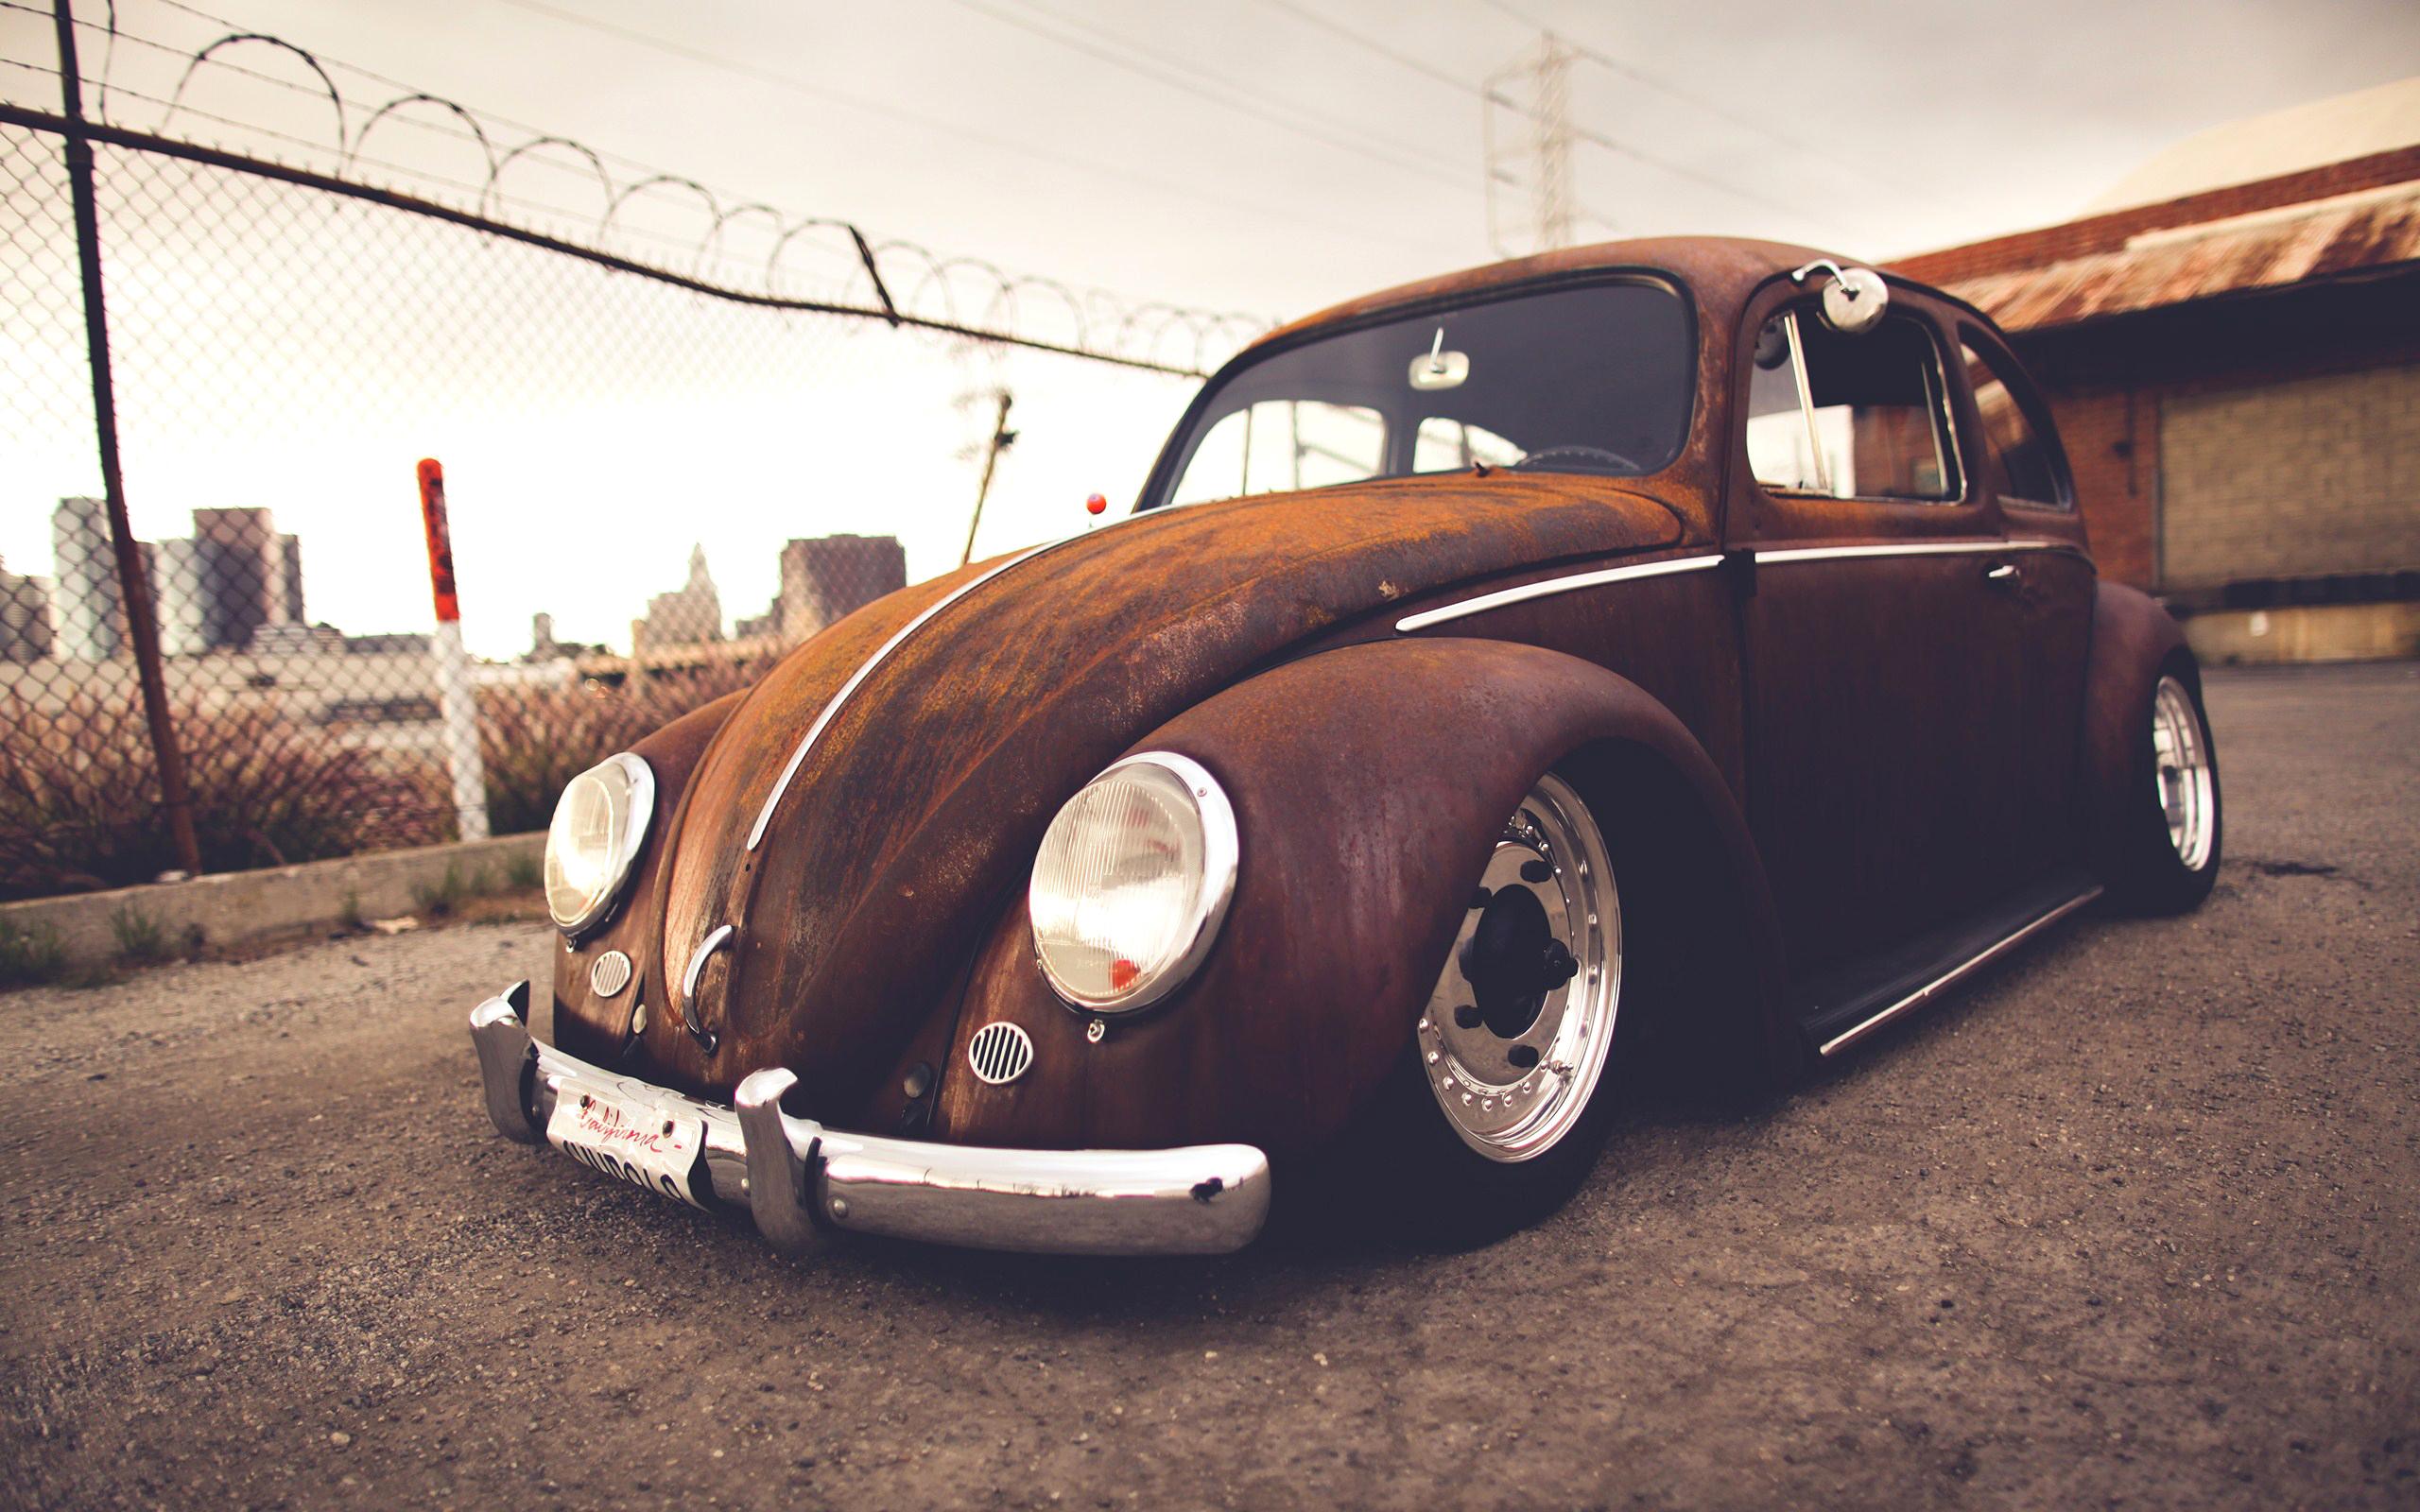 download Volkswagen Vintage Wallpapers Vdub Newscom 2560x1600